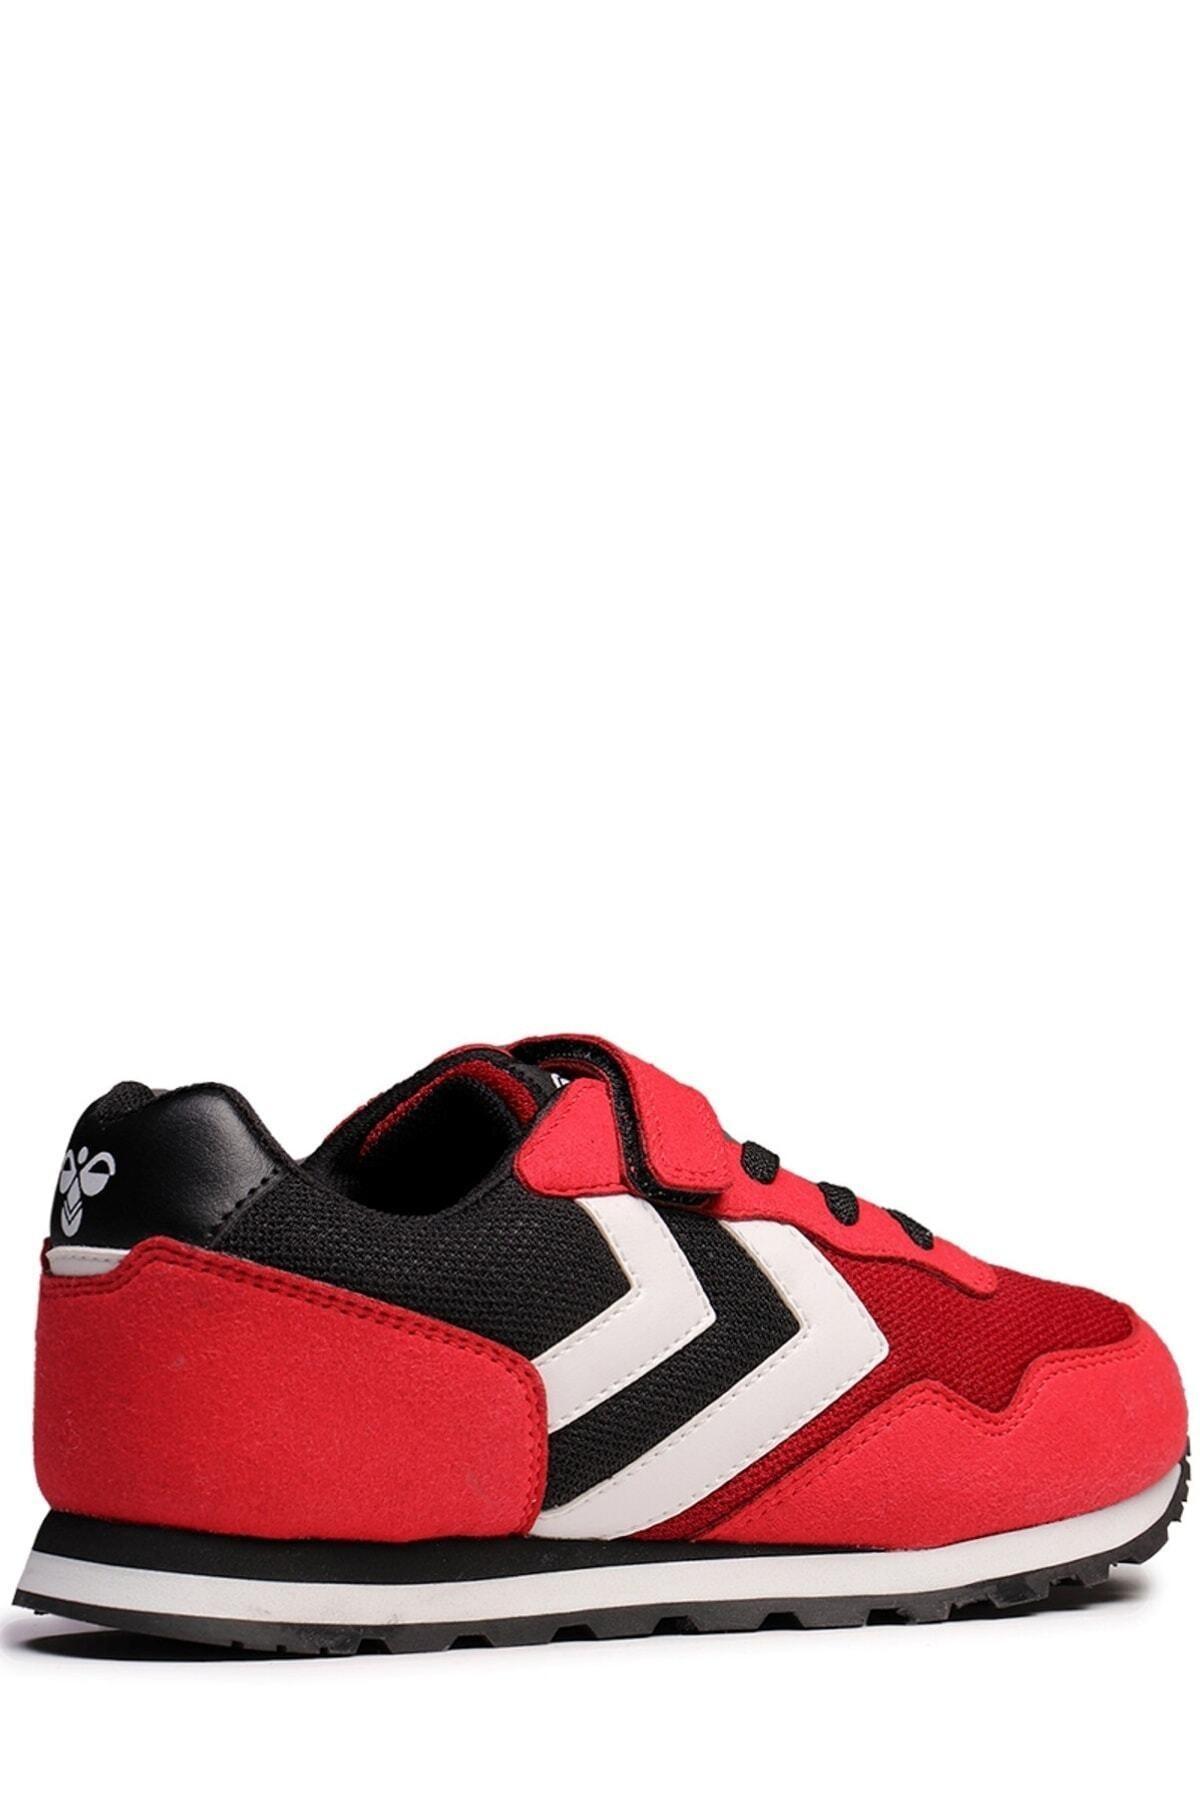 HUMMEL Hmlthor Jr Lıfe Çocuk Ayakkabı 207919-3658 2